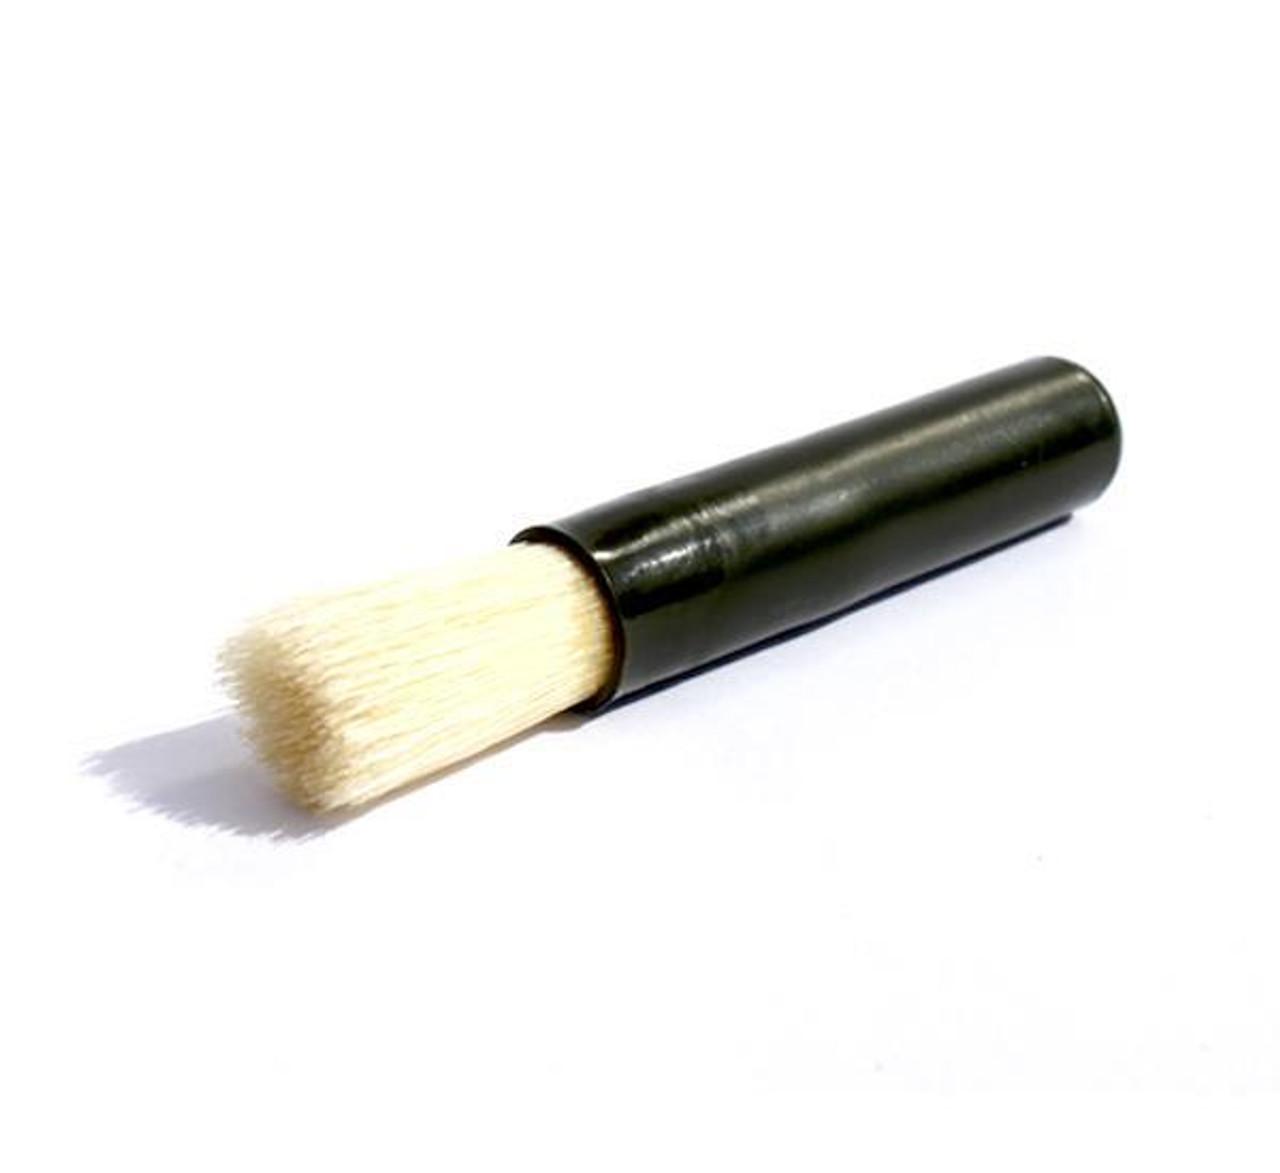 Small Round Detail Brush (Guinness Brush)